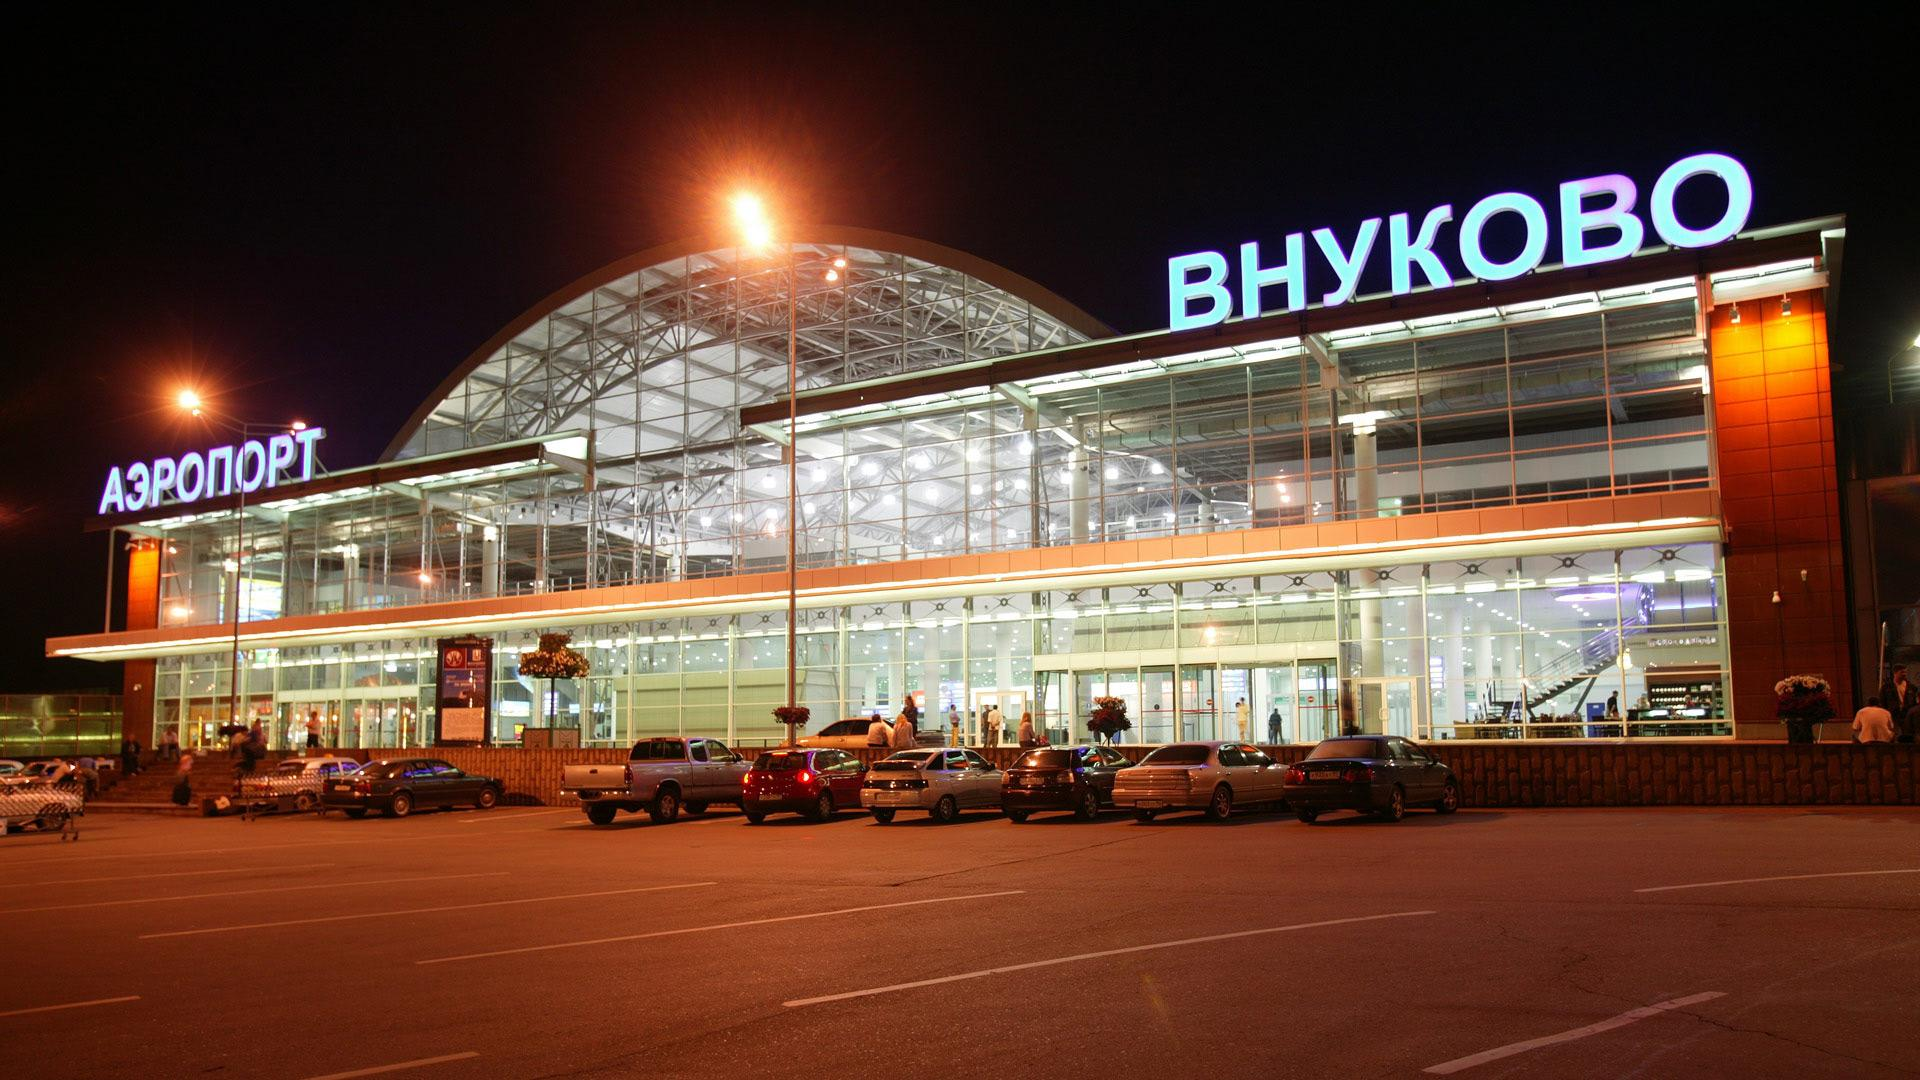 Базовый аэропорт